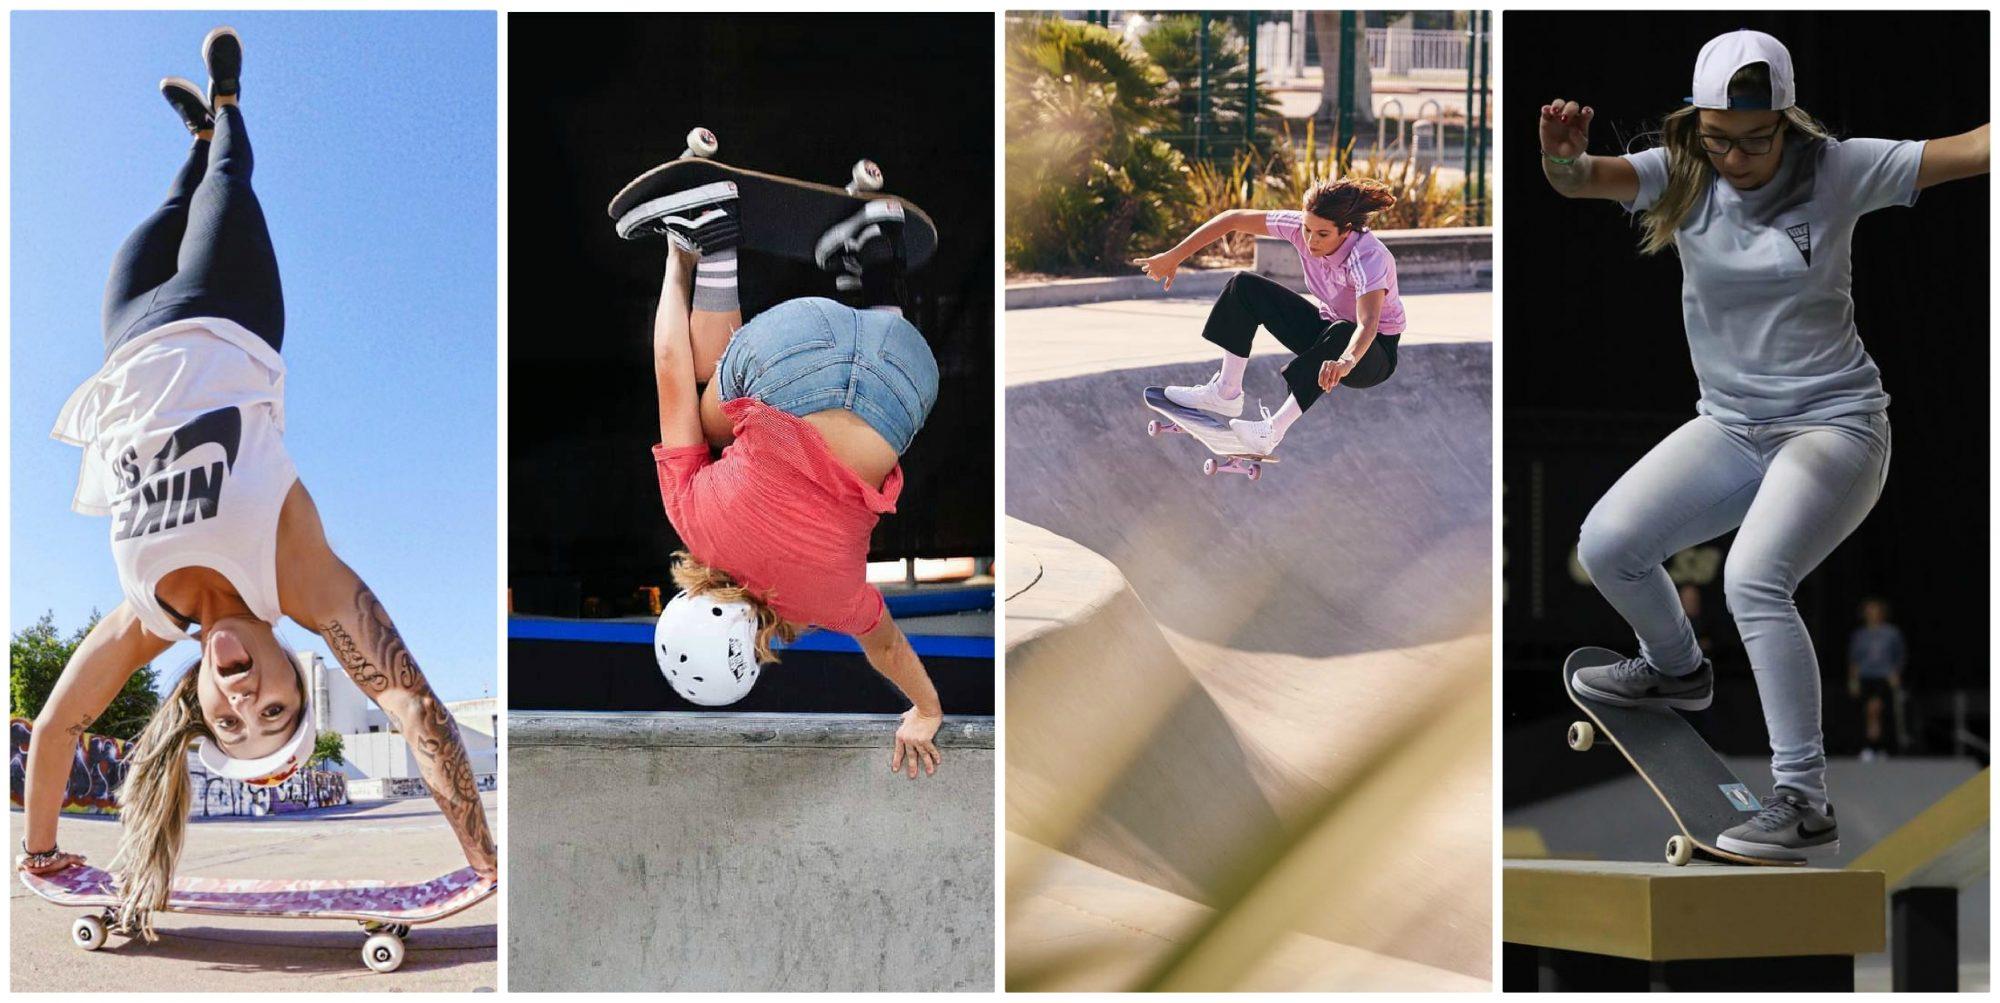 pro-women-skaters3.jpg